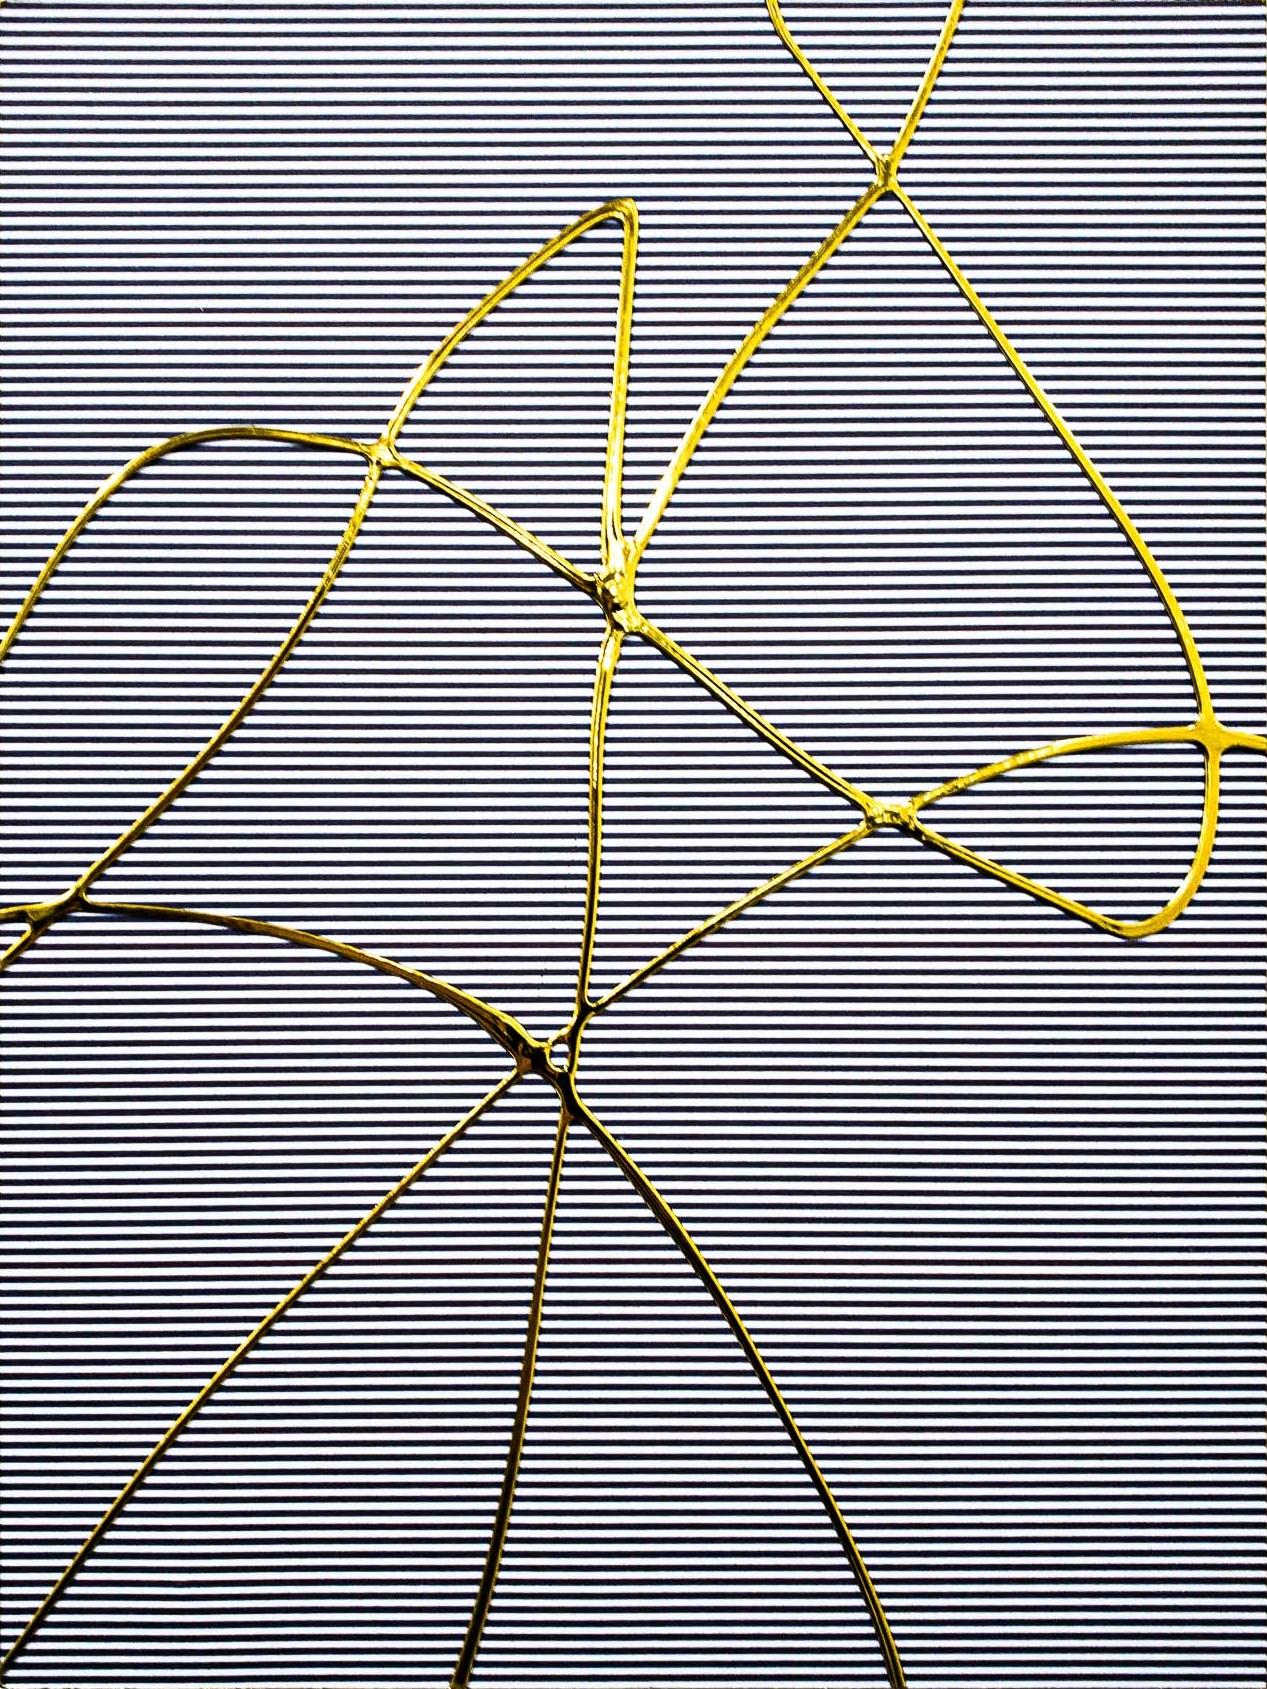 mclark_artwork_web-14.jpg